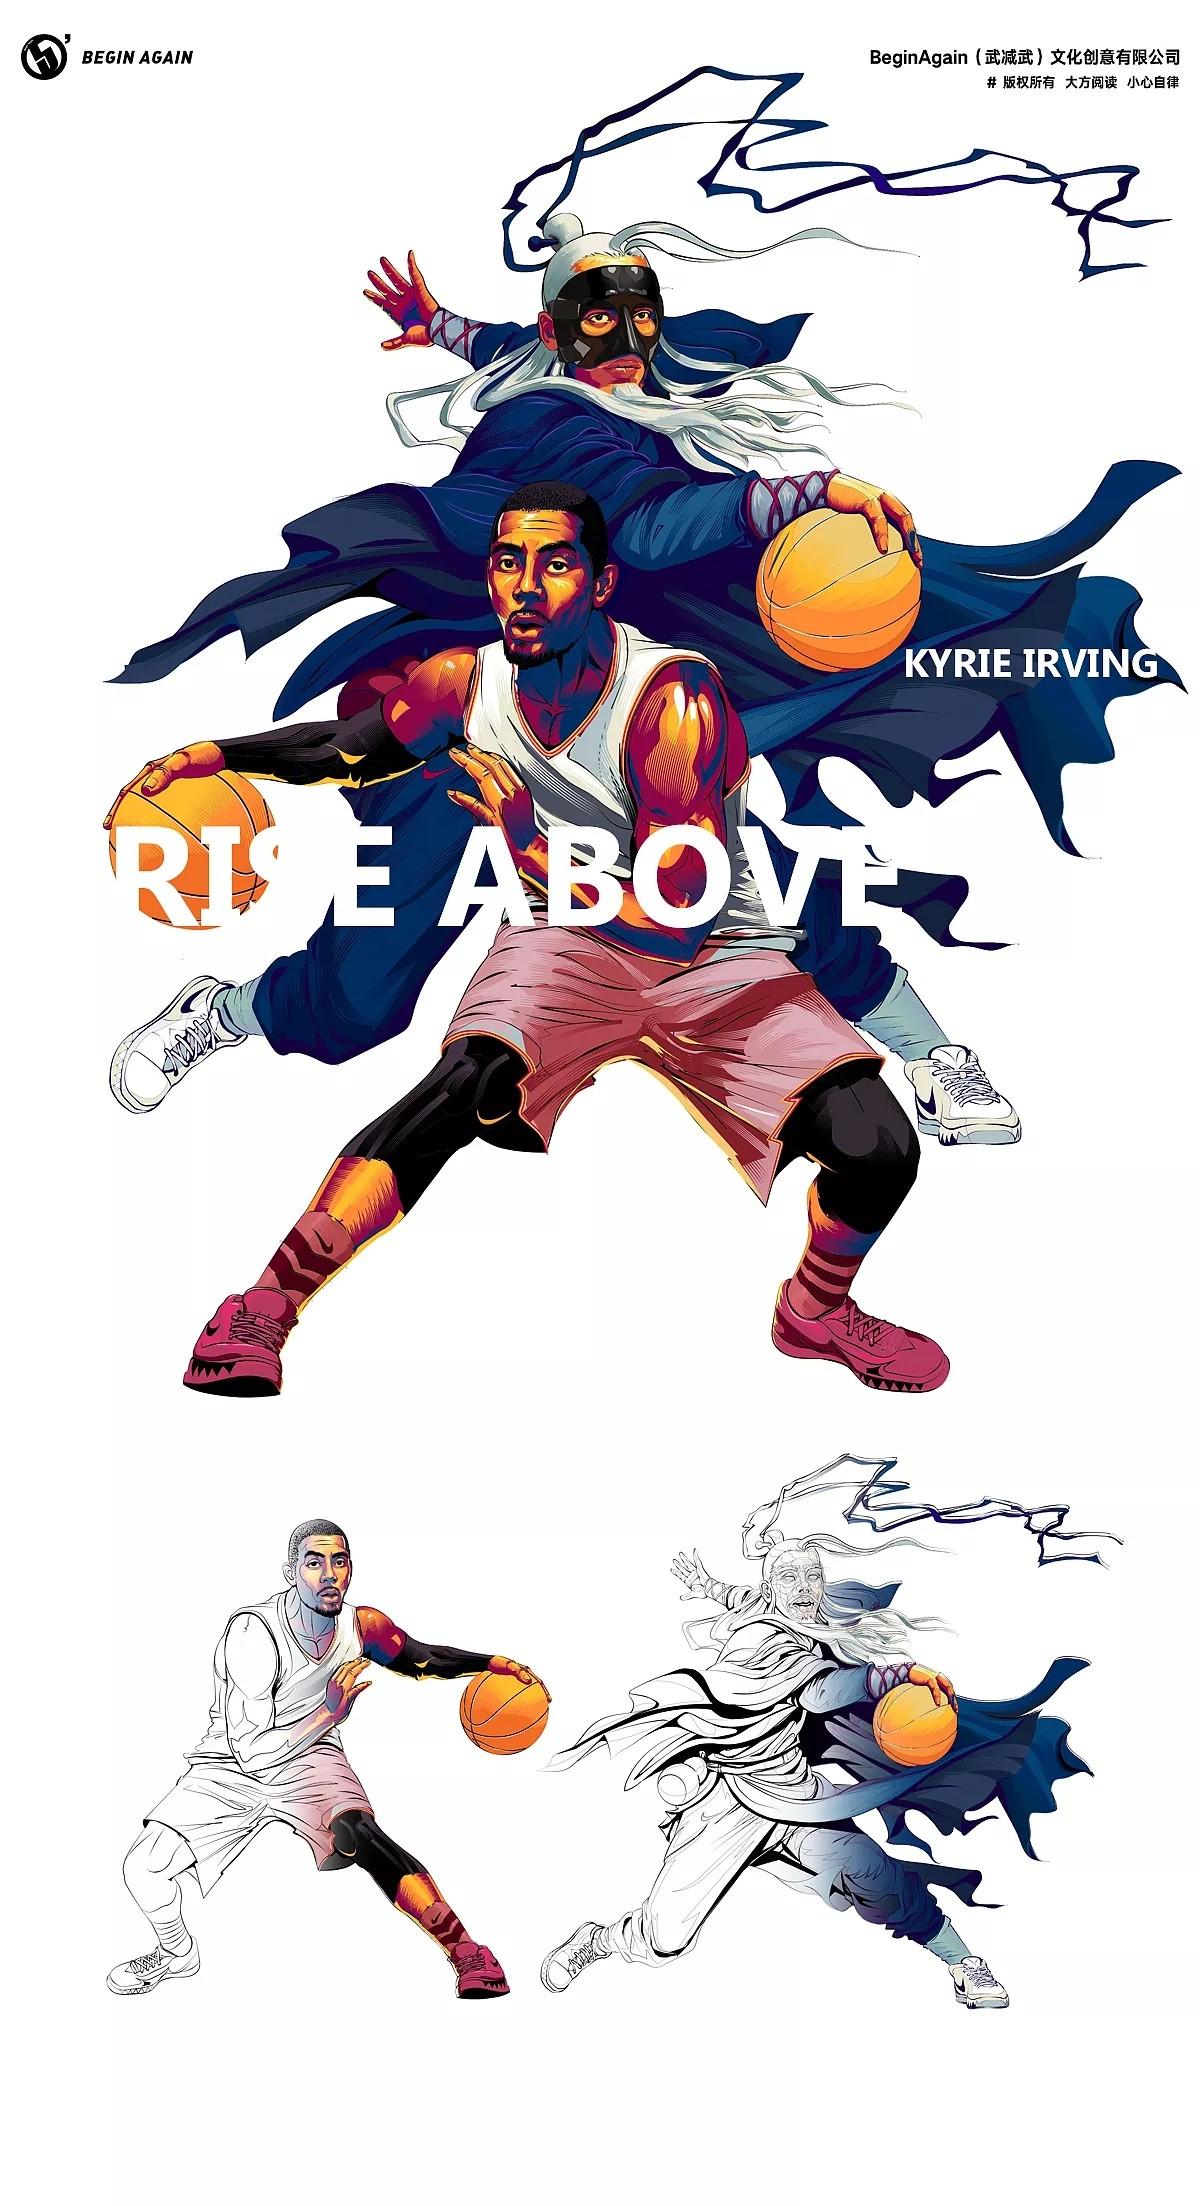 辗转腾挪,上天入地 - NBA篮球明星插画设计制作